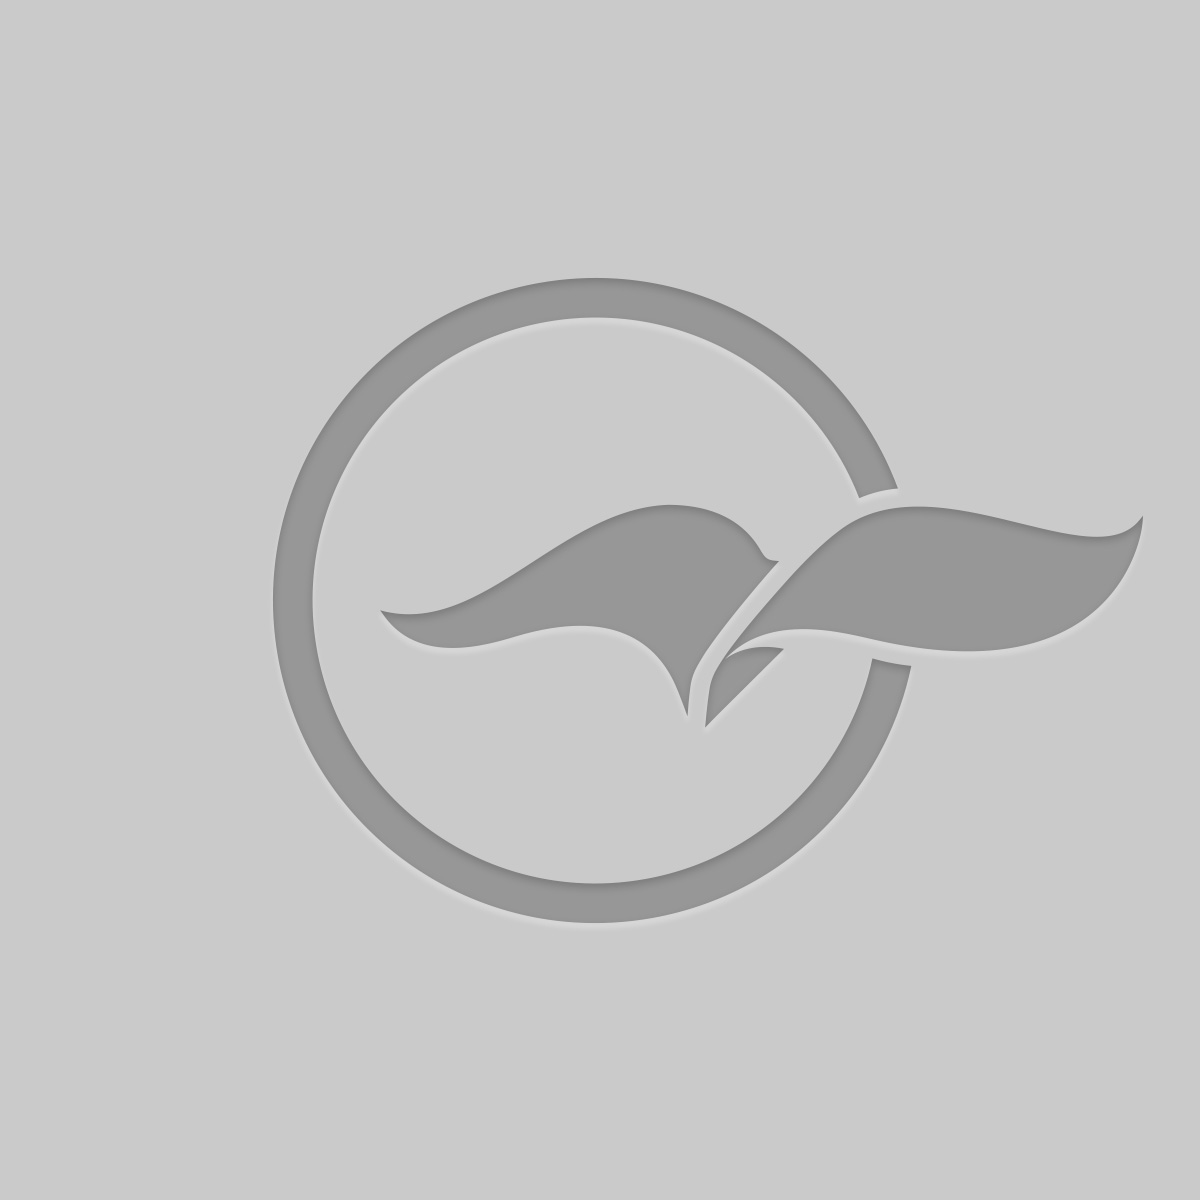 മസ്ജിദുകൾ നിറഞ്ഞു; ഭക്തിപ്രഭയിൽ ആദ്യവെള്ളി